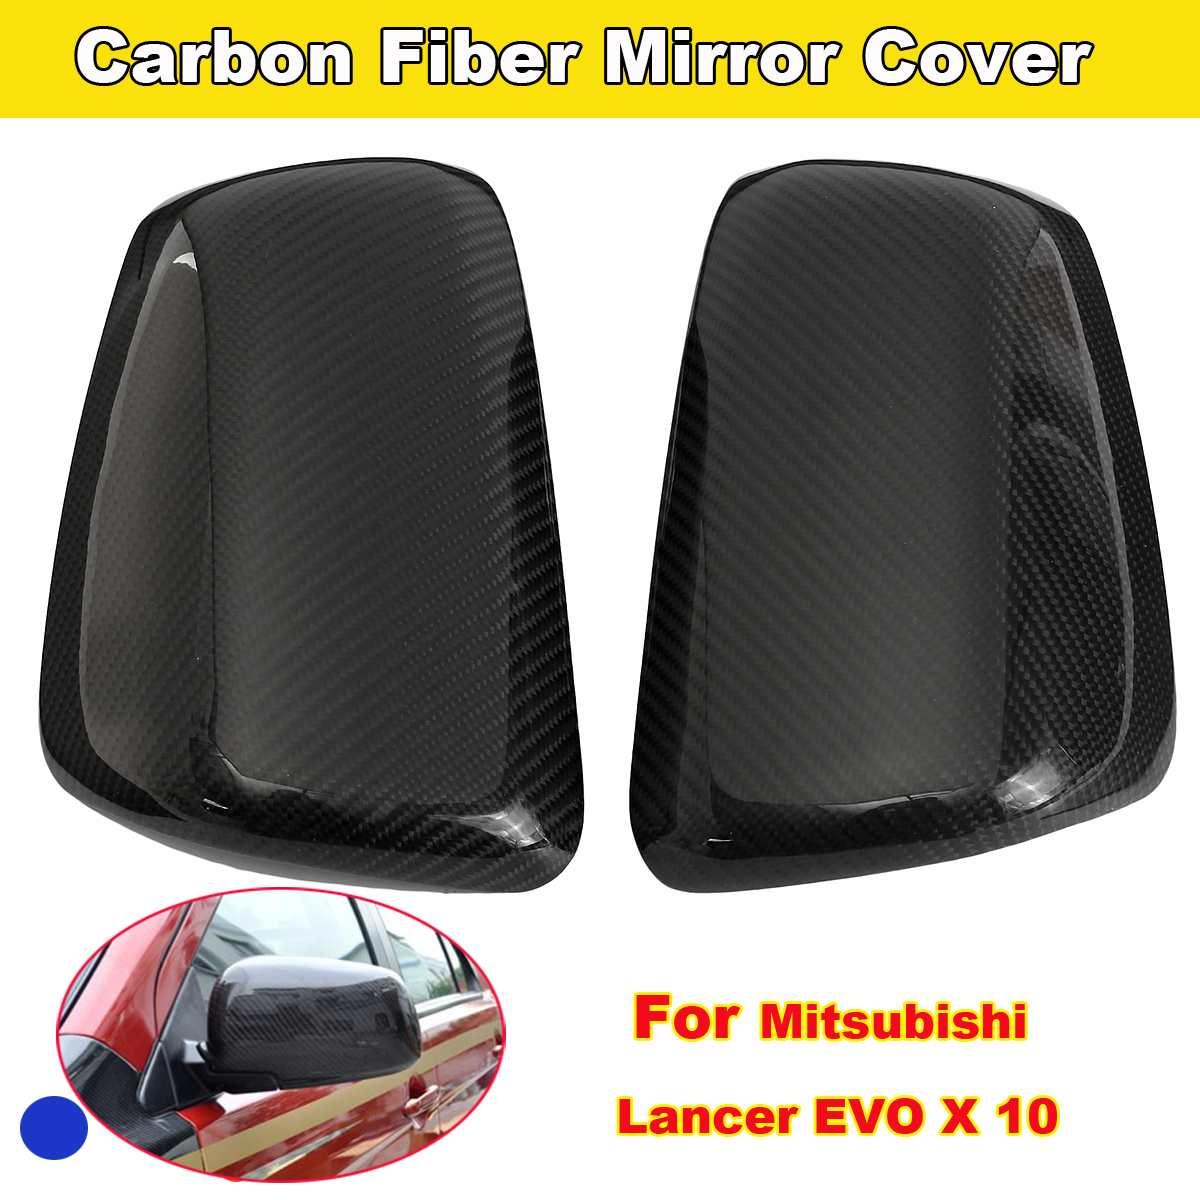 Couverture de miroir de porte latérale arrière en Fiber de carbone ABS pour Mitsubishi Lancer EVO X 10